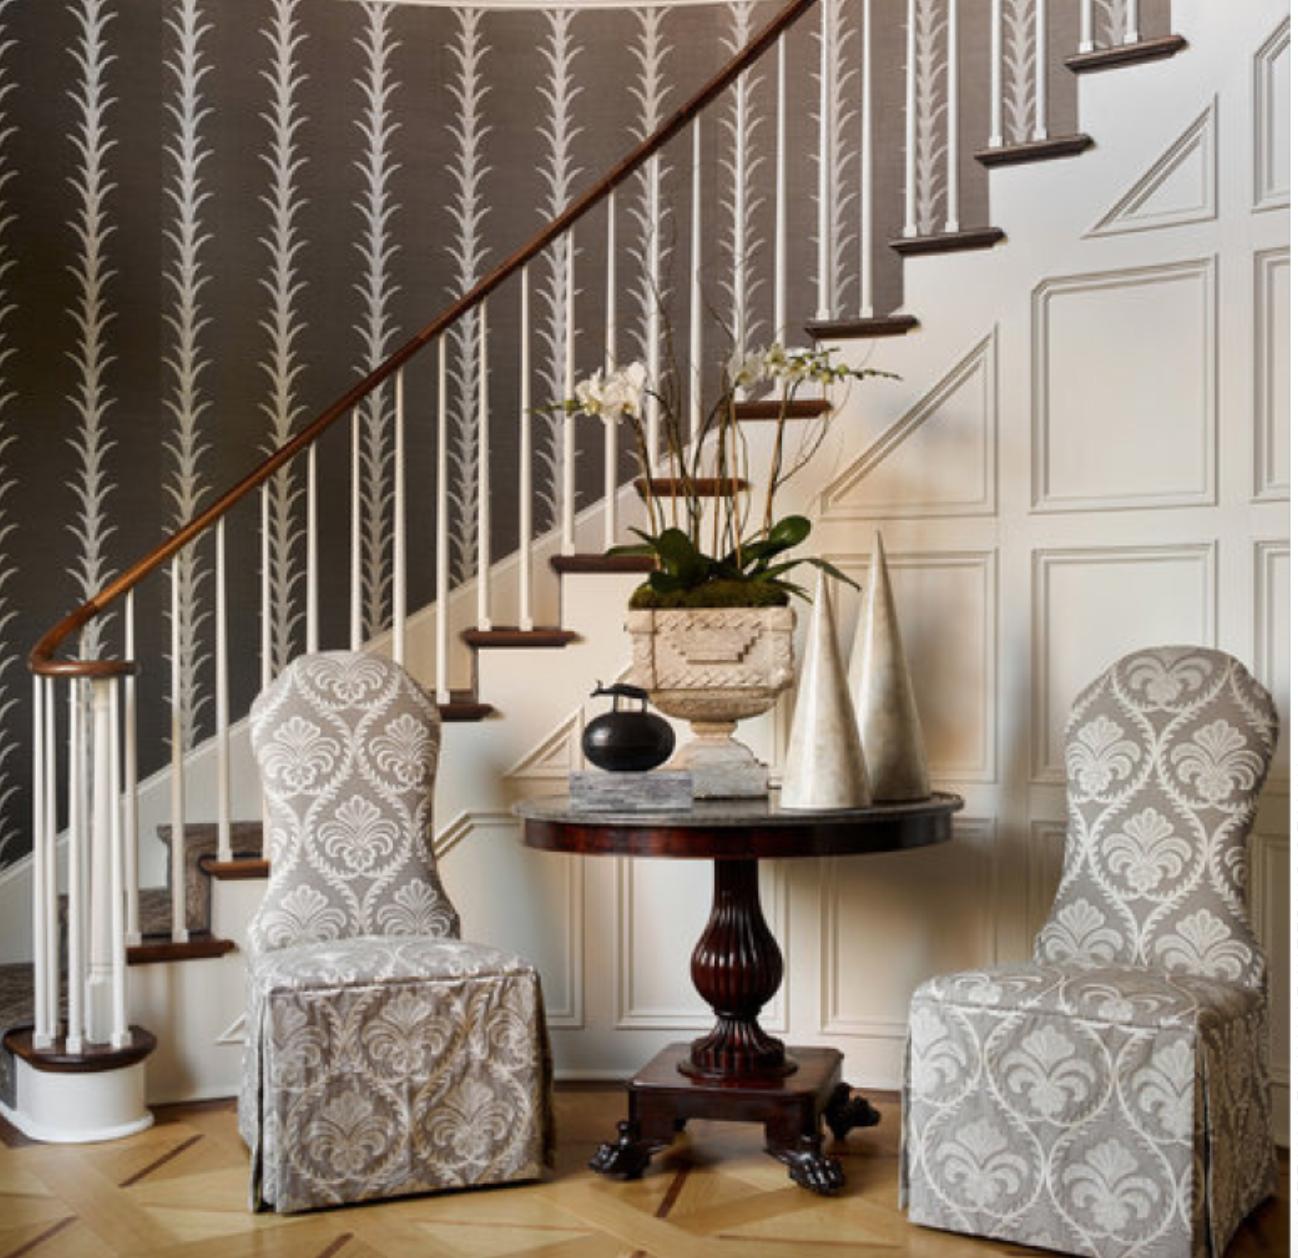 Schumacher Wallpapers | Interior design, Schumacher ...